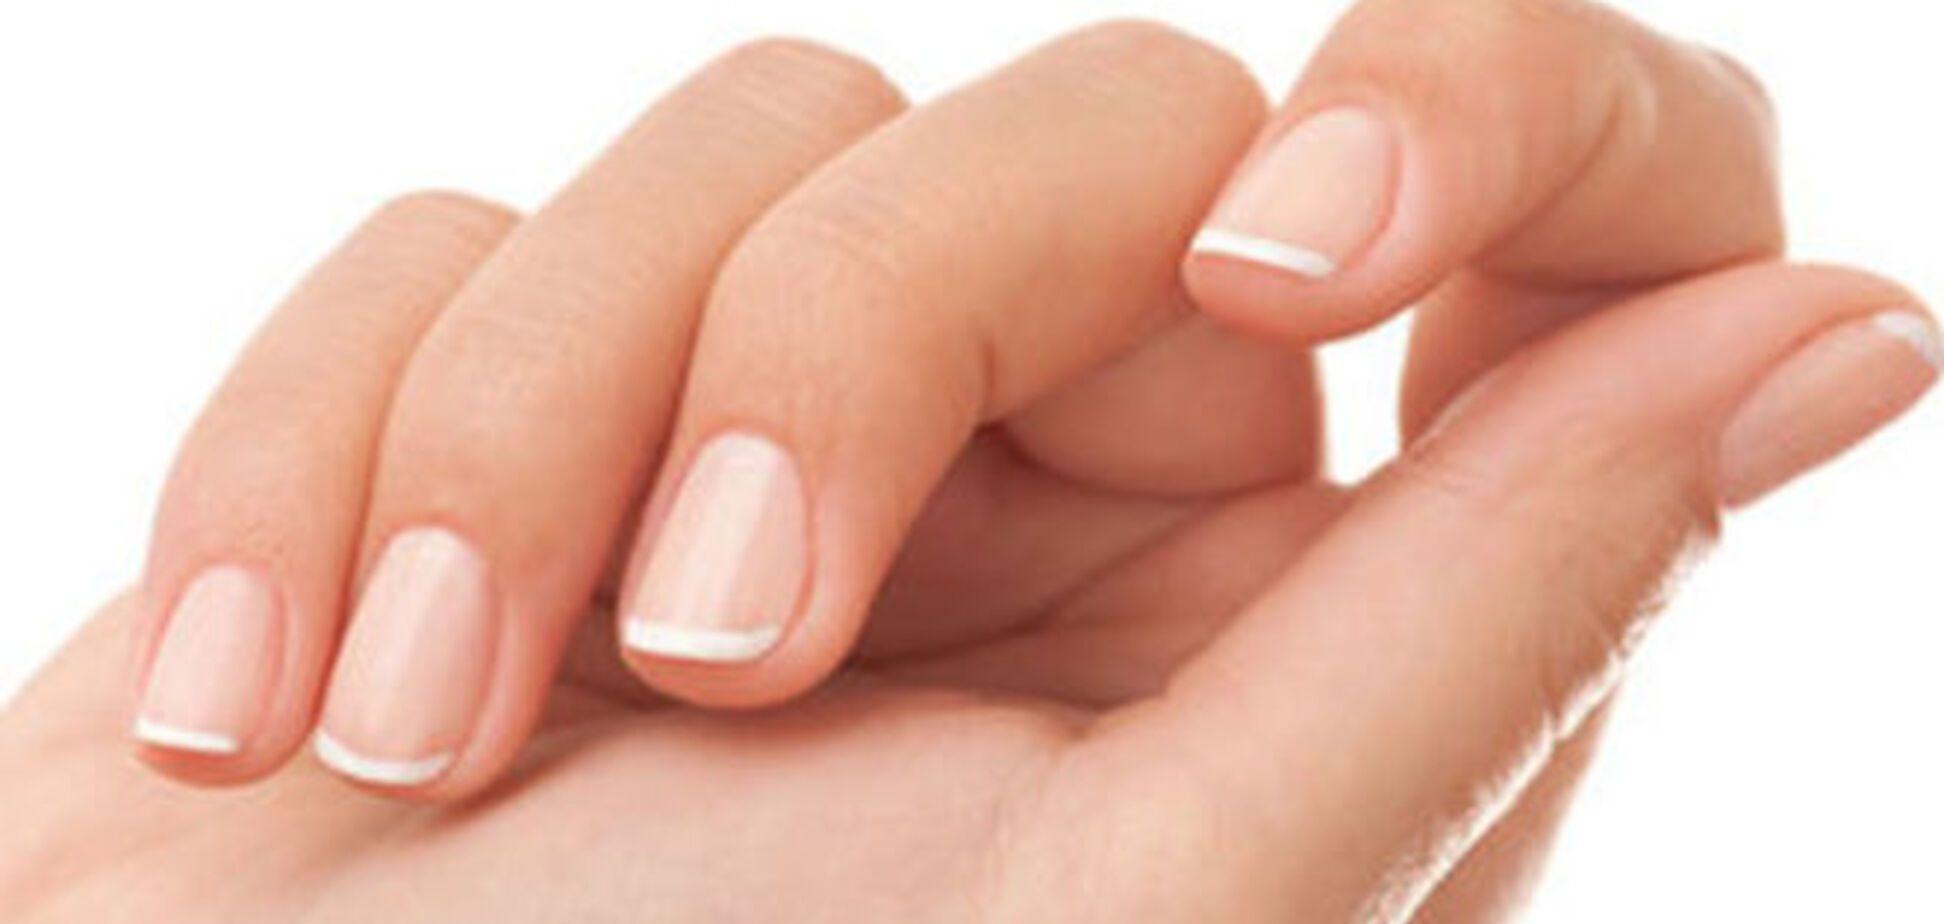 Ногти - зеркало организма: как понять, что у вас больна печень